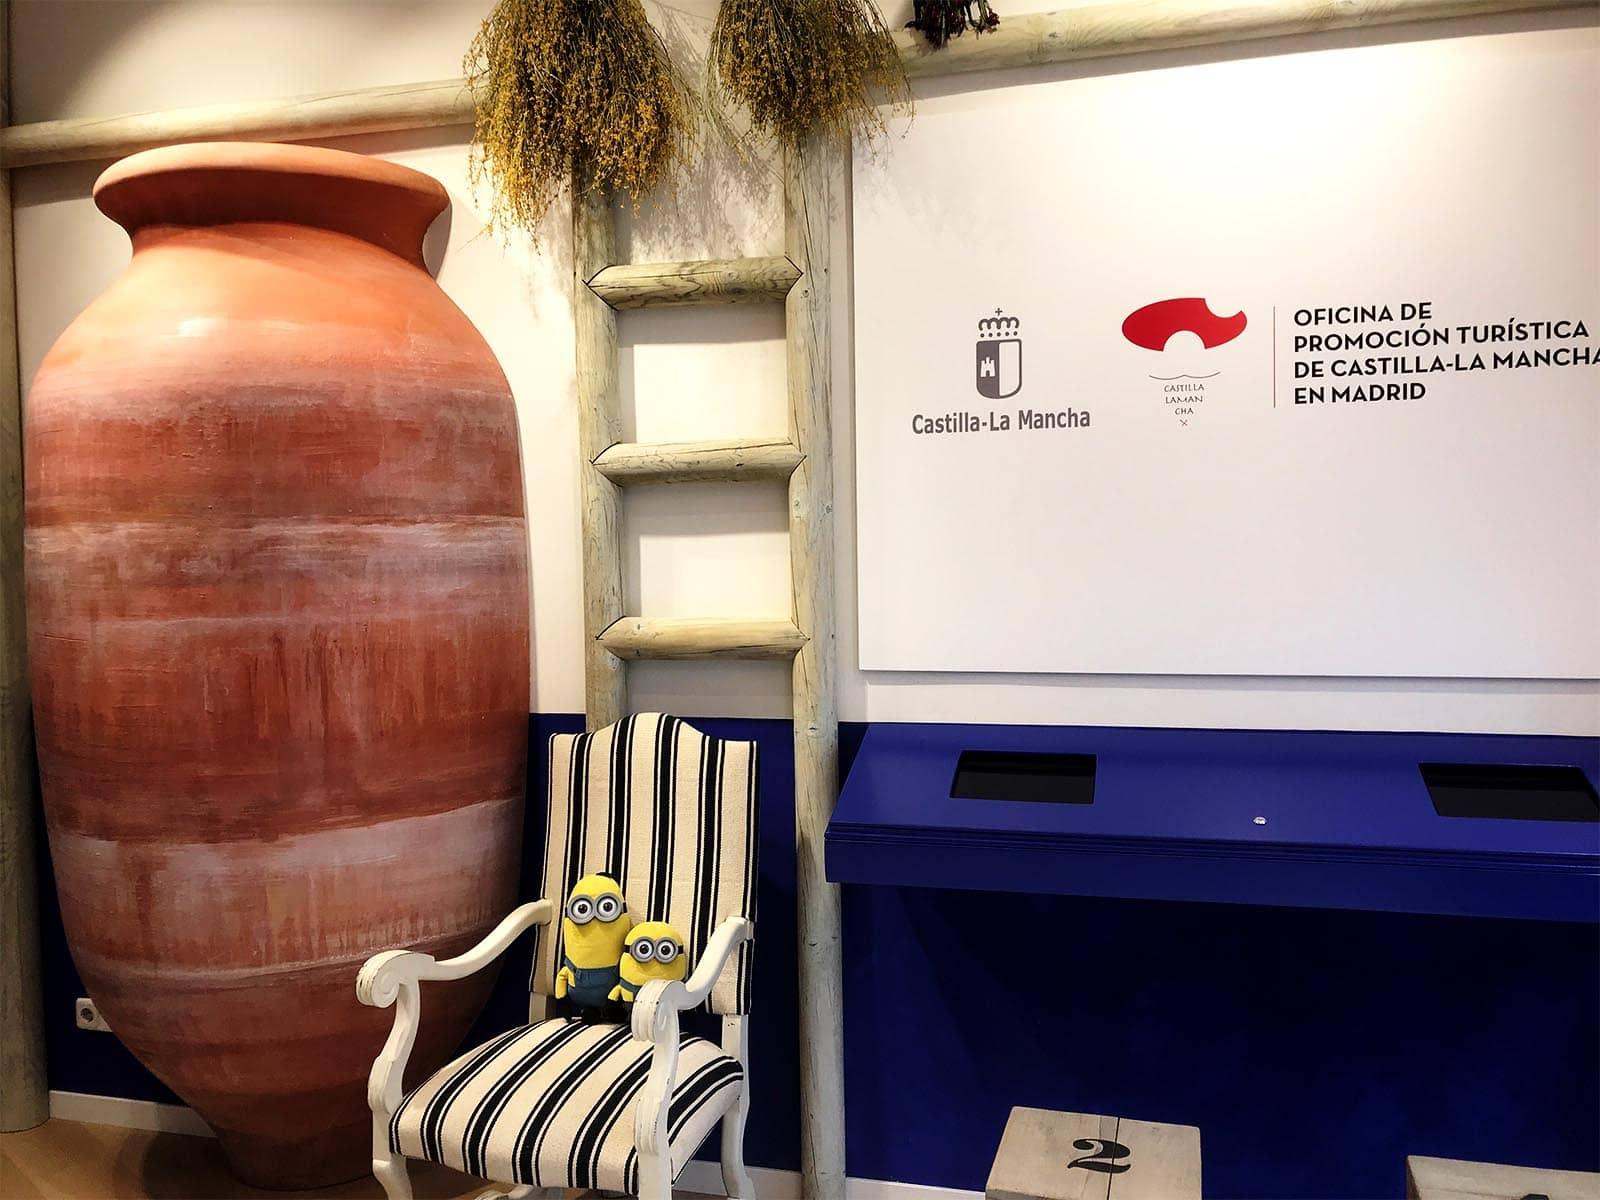 Oficina de Turismo de Castilla-La Mancha en Madrid